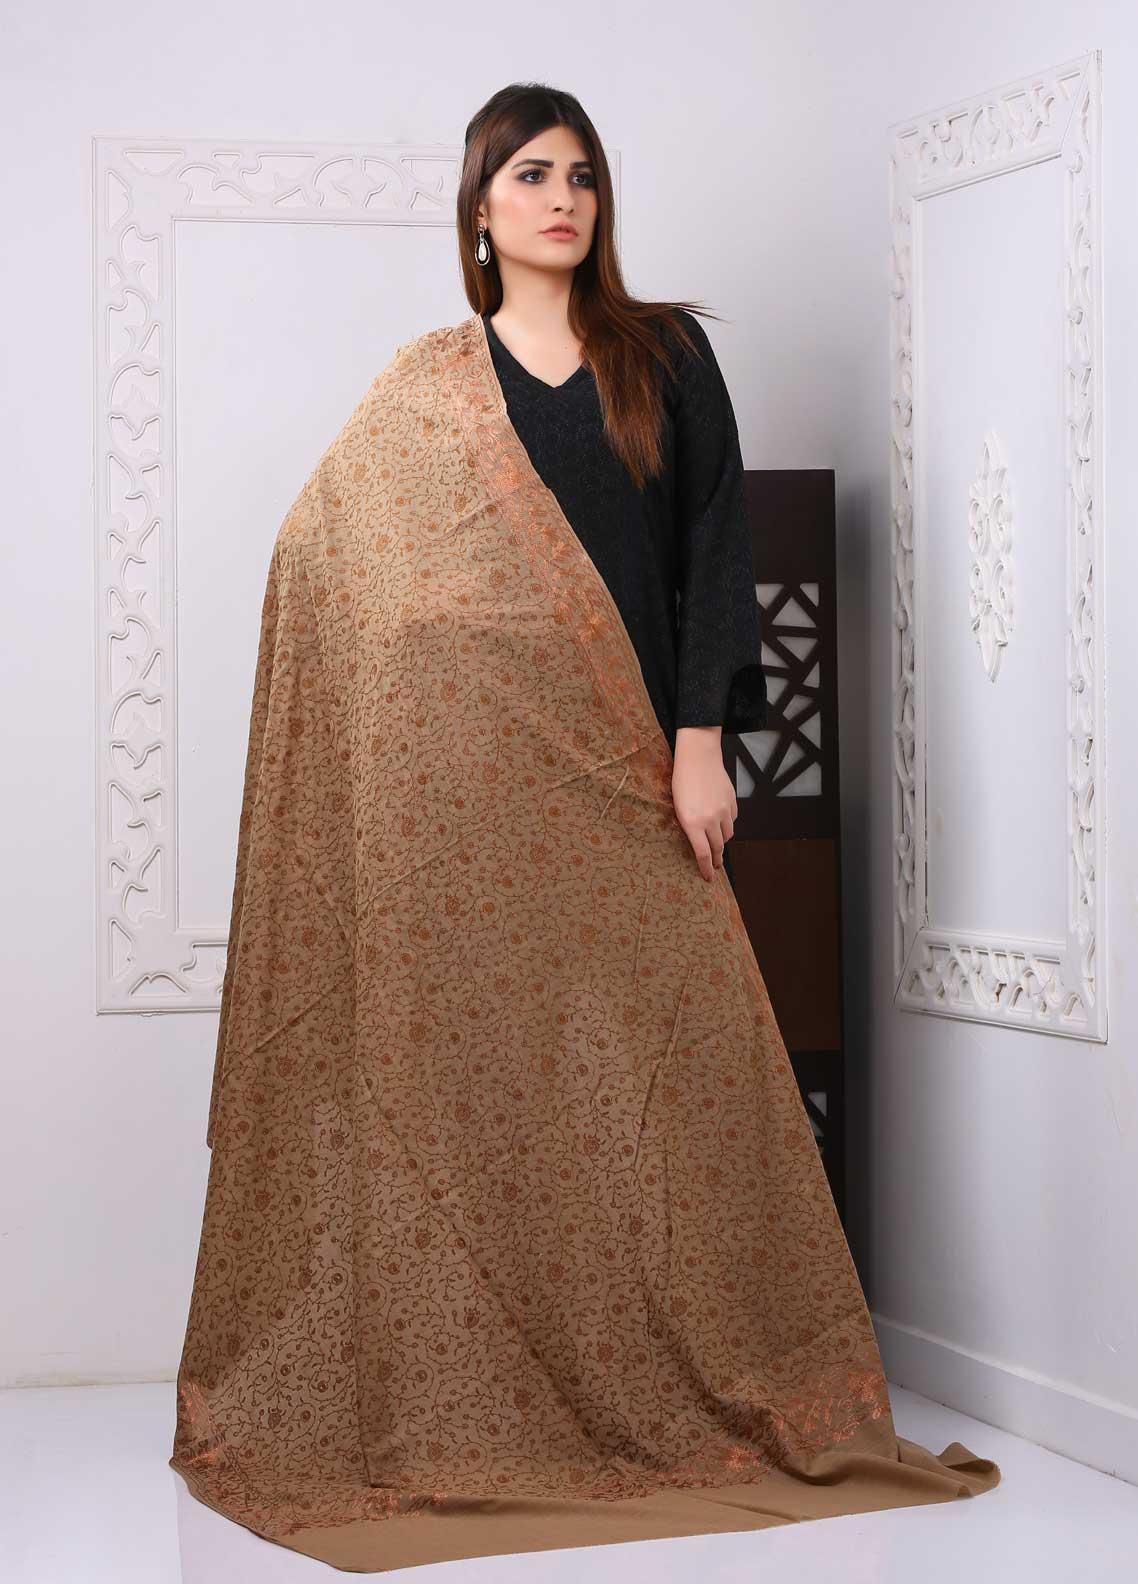 Sanaulla Exclusive Range Embroidered Premium Pashmina  Shawl PRMSH 323929 - Premium Pashmina Shawls